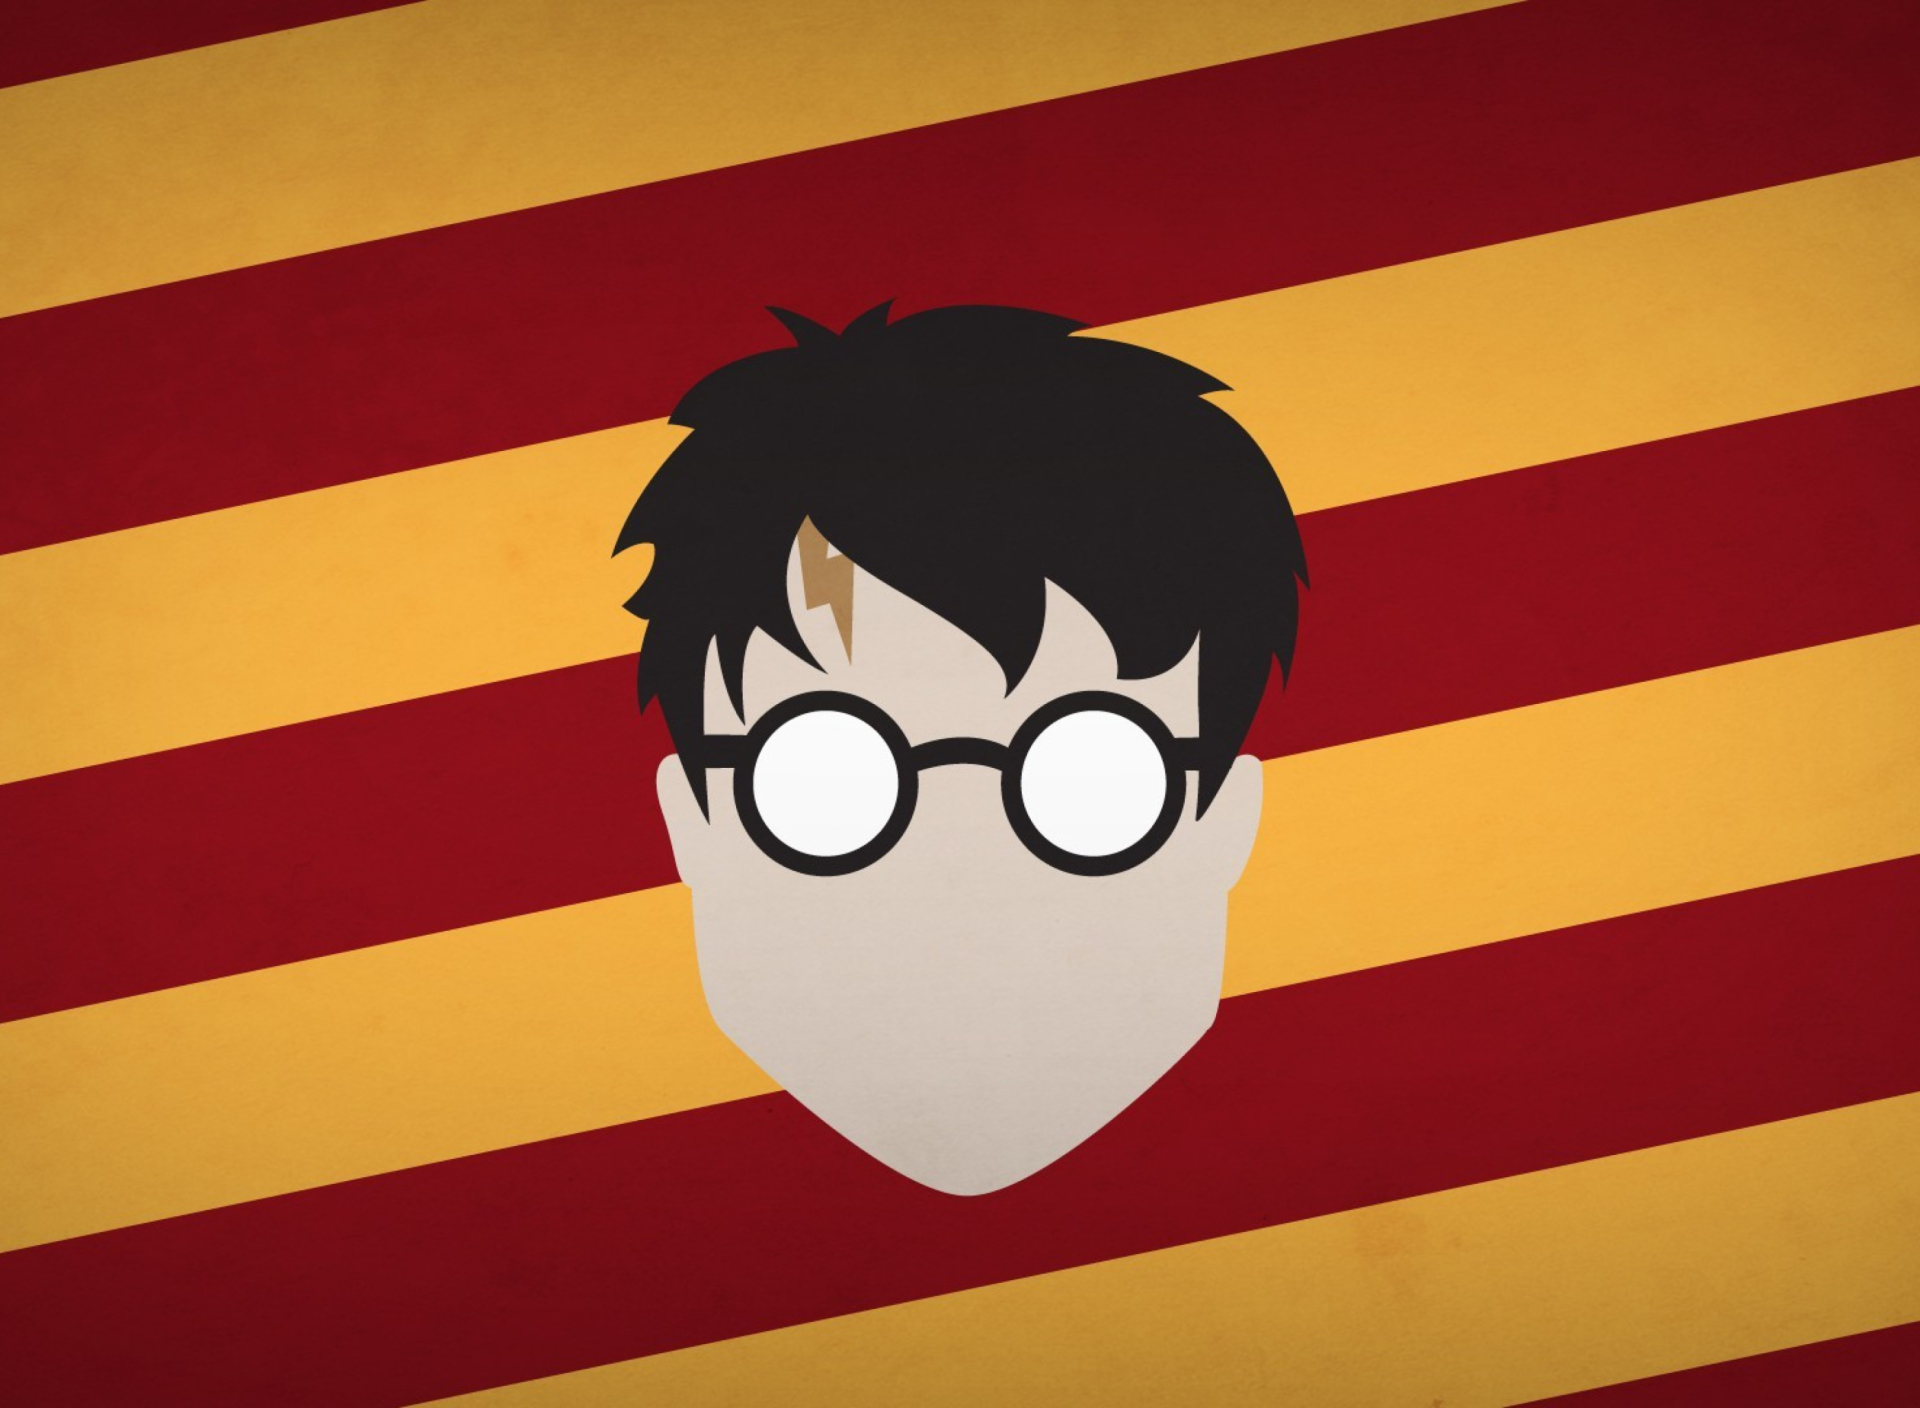 Harry potter illustration fondos de pantalla gratis para for Fondos de pantalla de harry potter